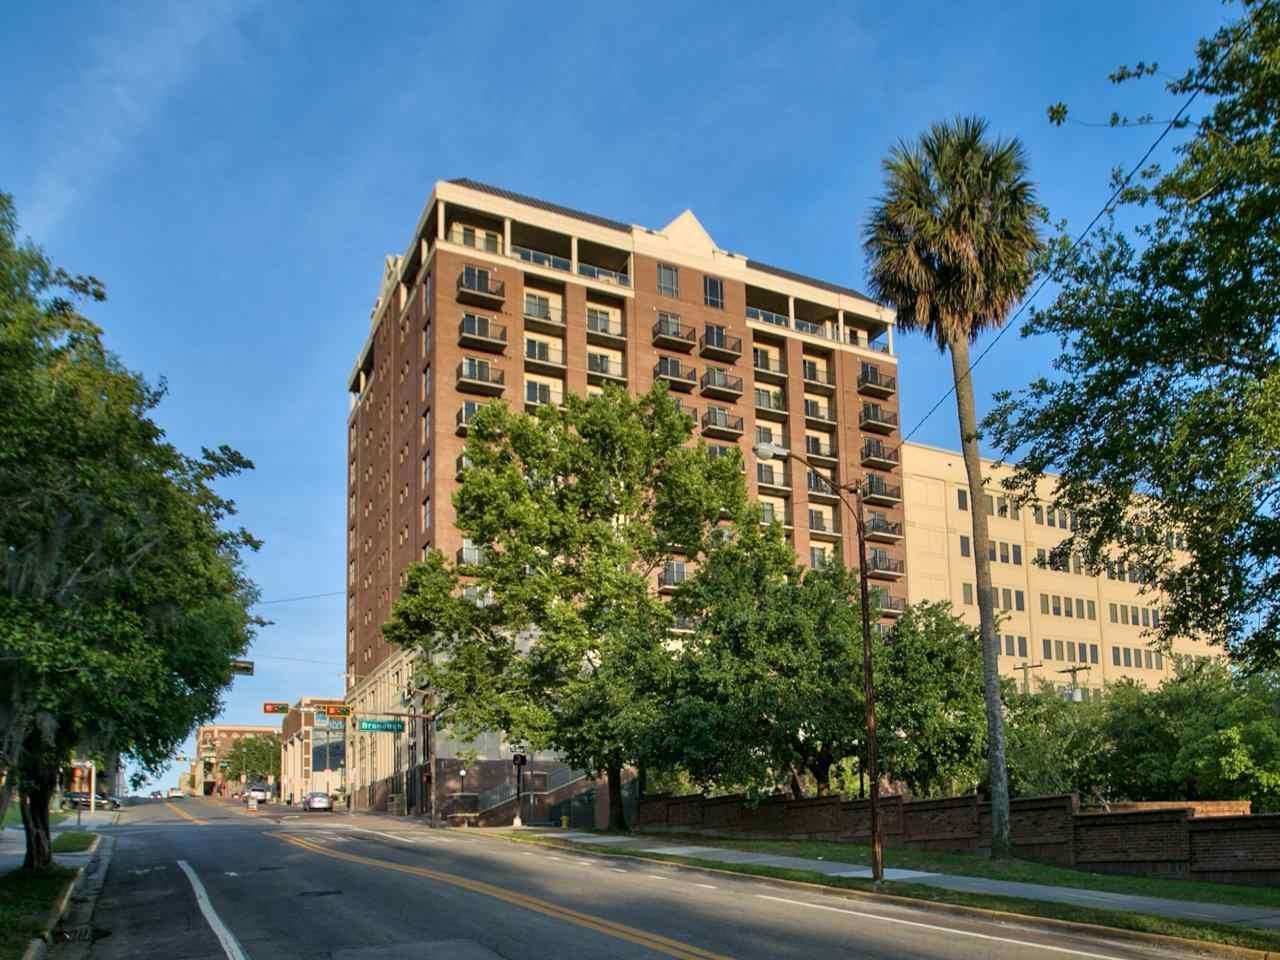 215 W College Apt. 604 Avenue, Tallahassee, FL 32301 - MLS#: 335756